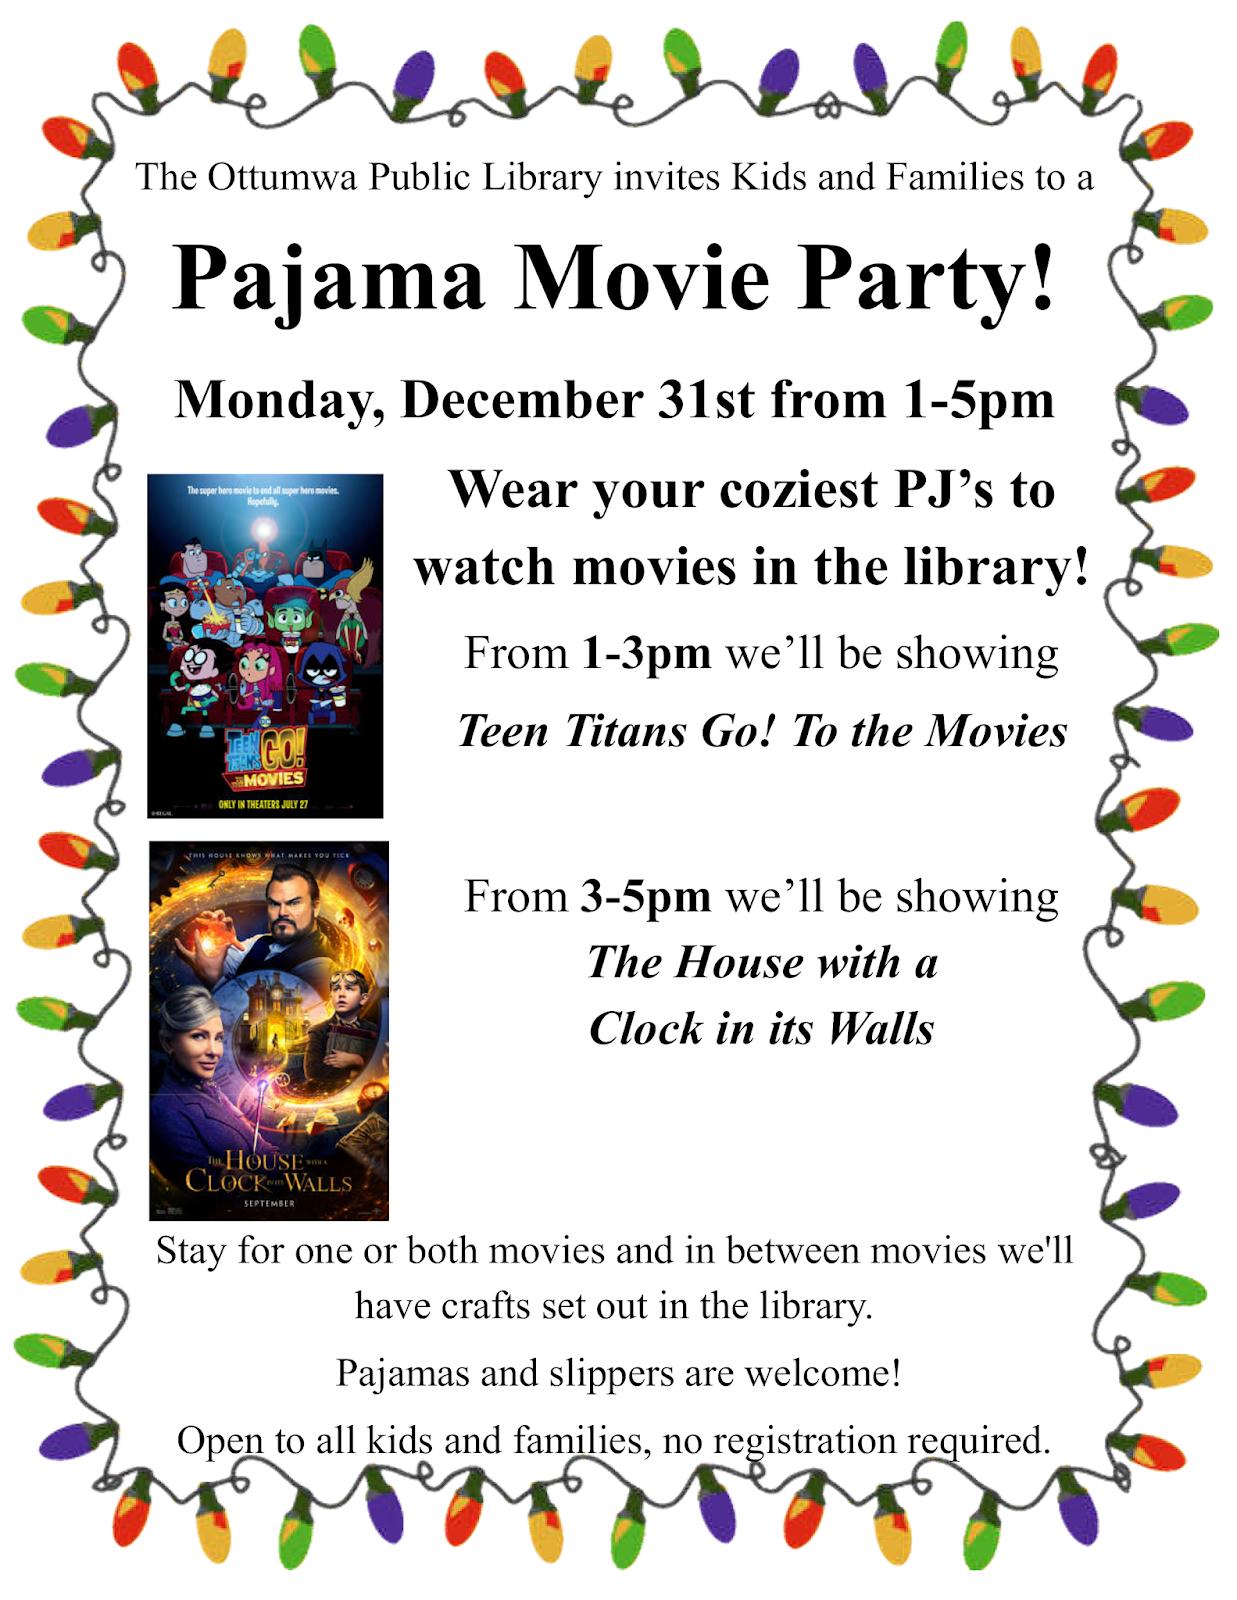 Ottumwa Public Library: Family Pajama Movie Party!